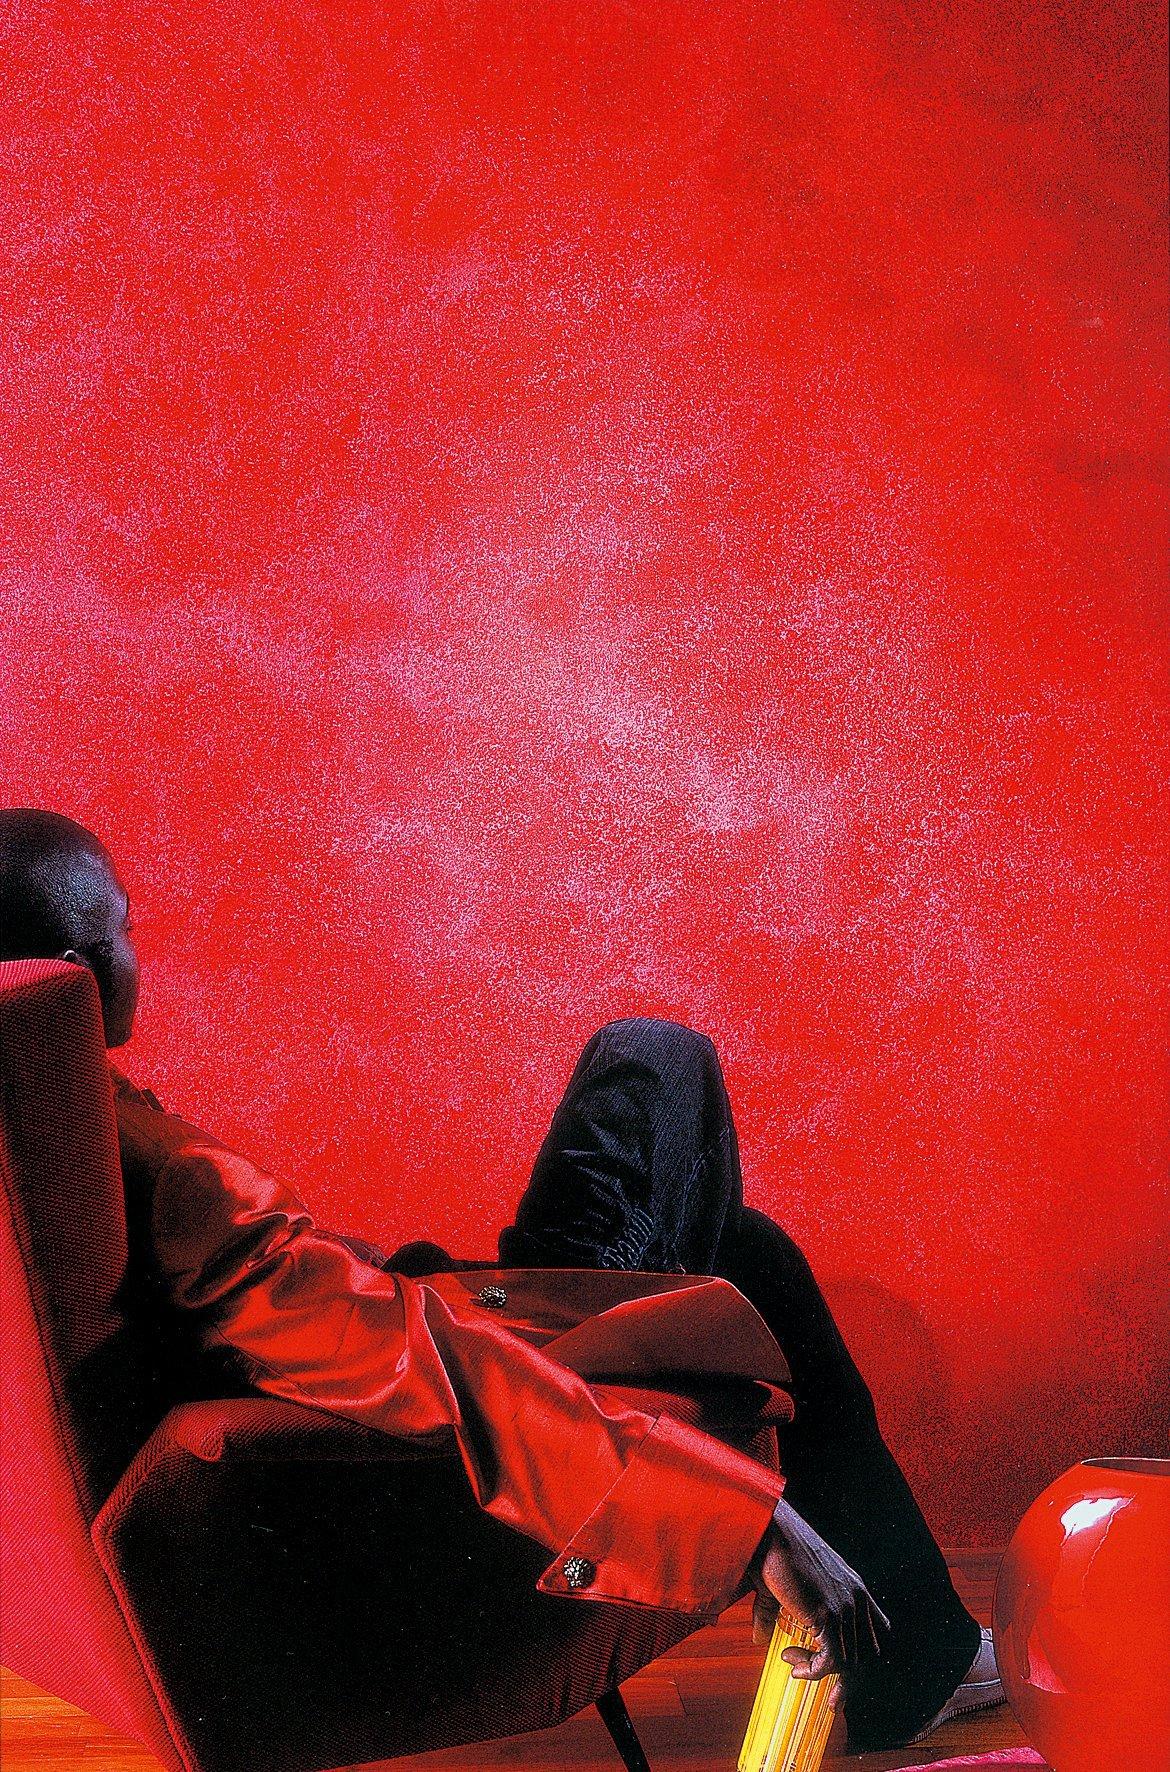 un ragazzo seduto di spalle su una poltrona rossa